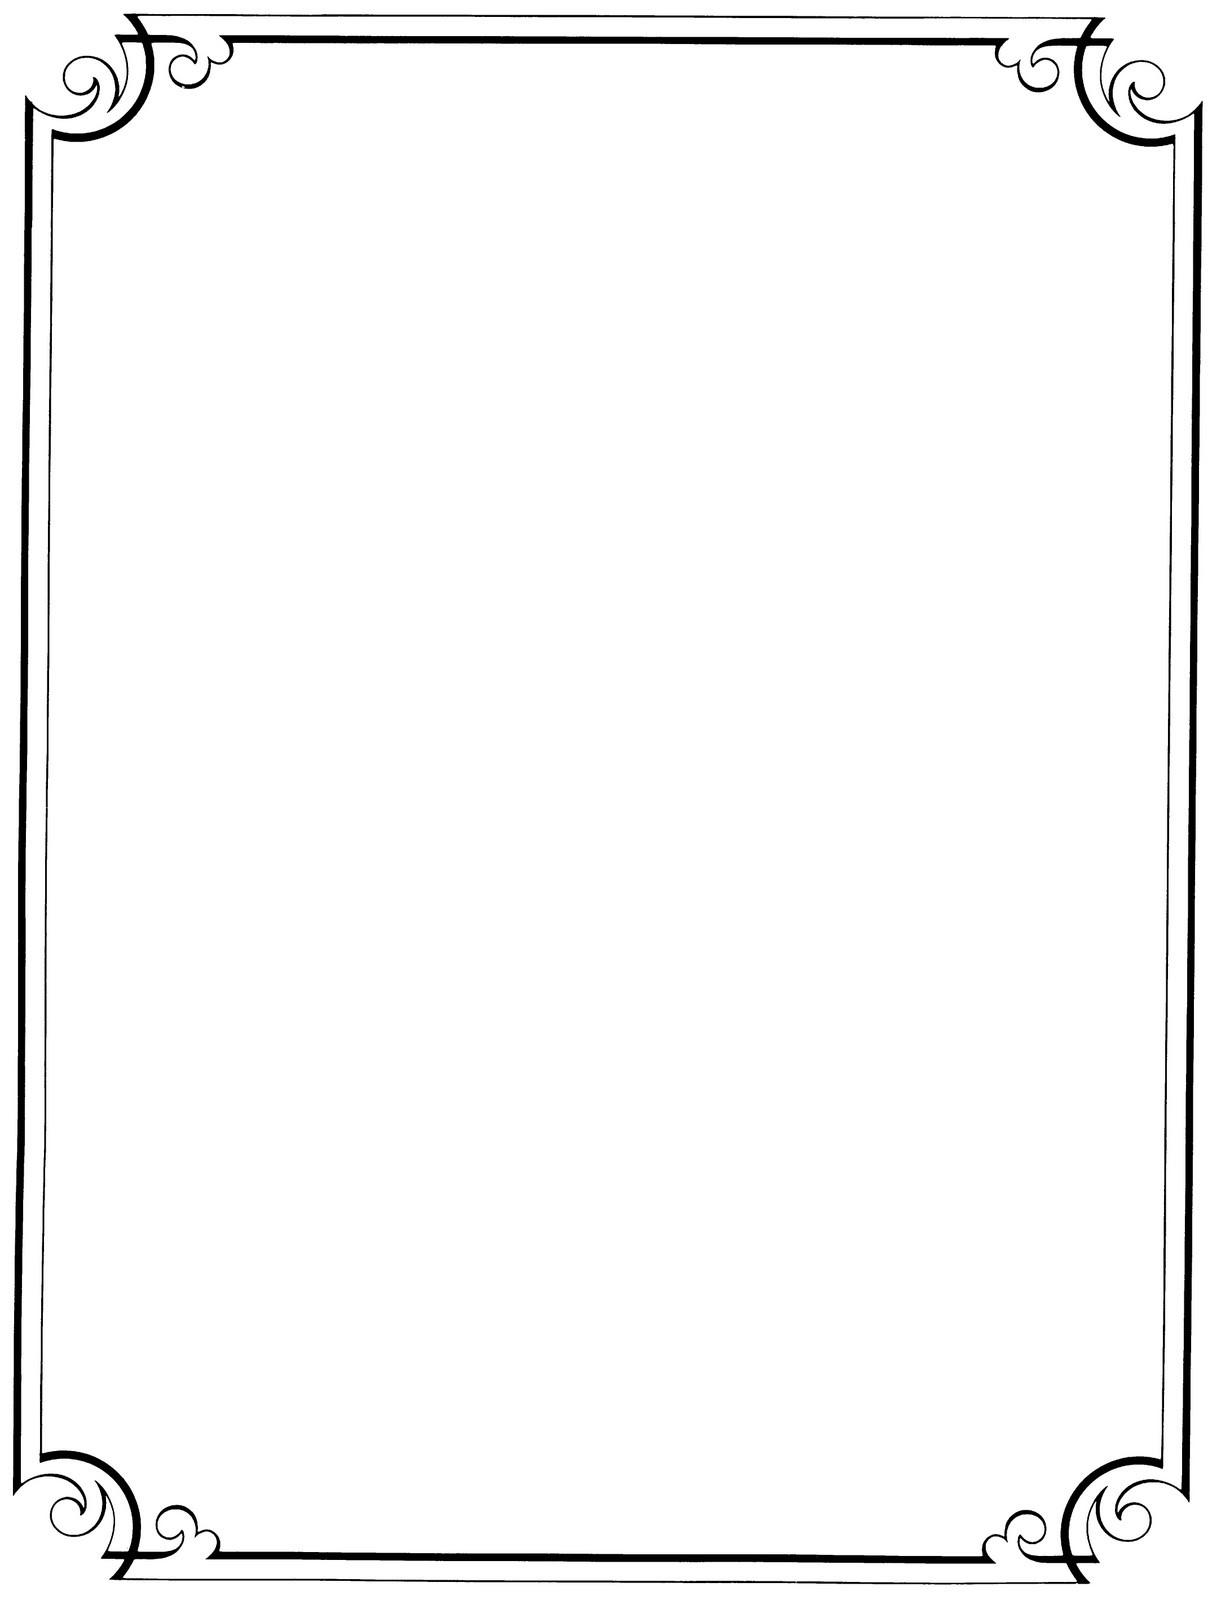 John Deere 7410 Radio Wiring Diagram As Well As John Deere 4830